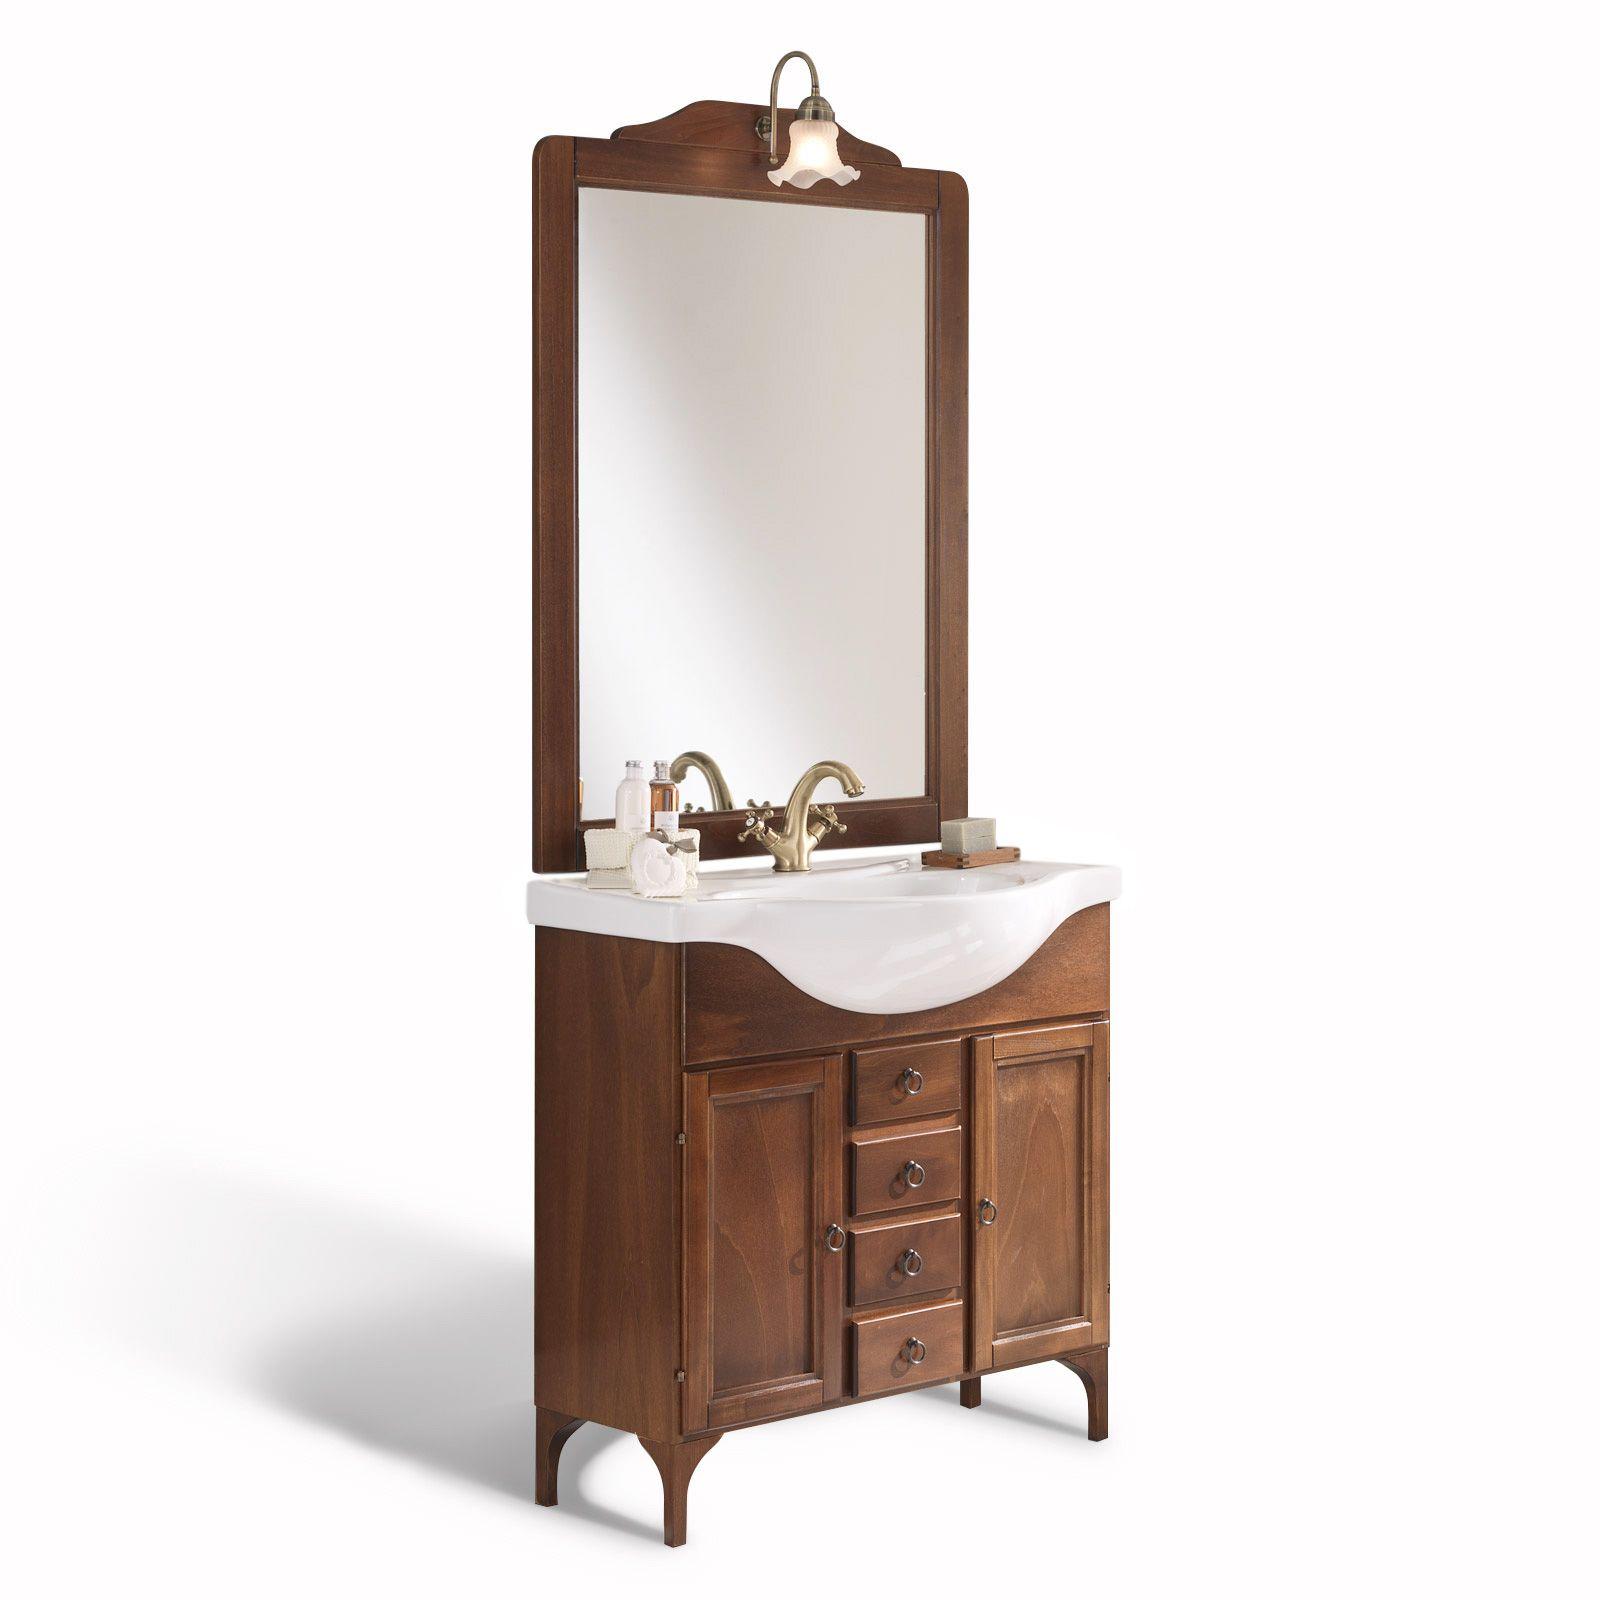 Mobile arredo da bagno arte povera cm 85 modello alessandria in legno massello con specchiera - Applique per specchio bagno classico ...